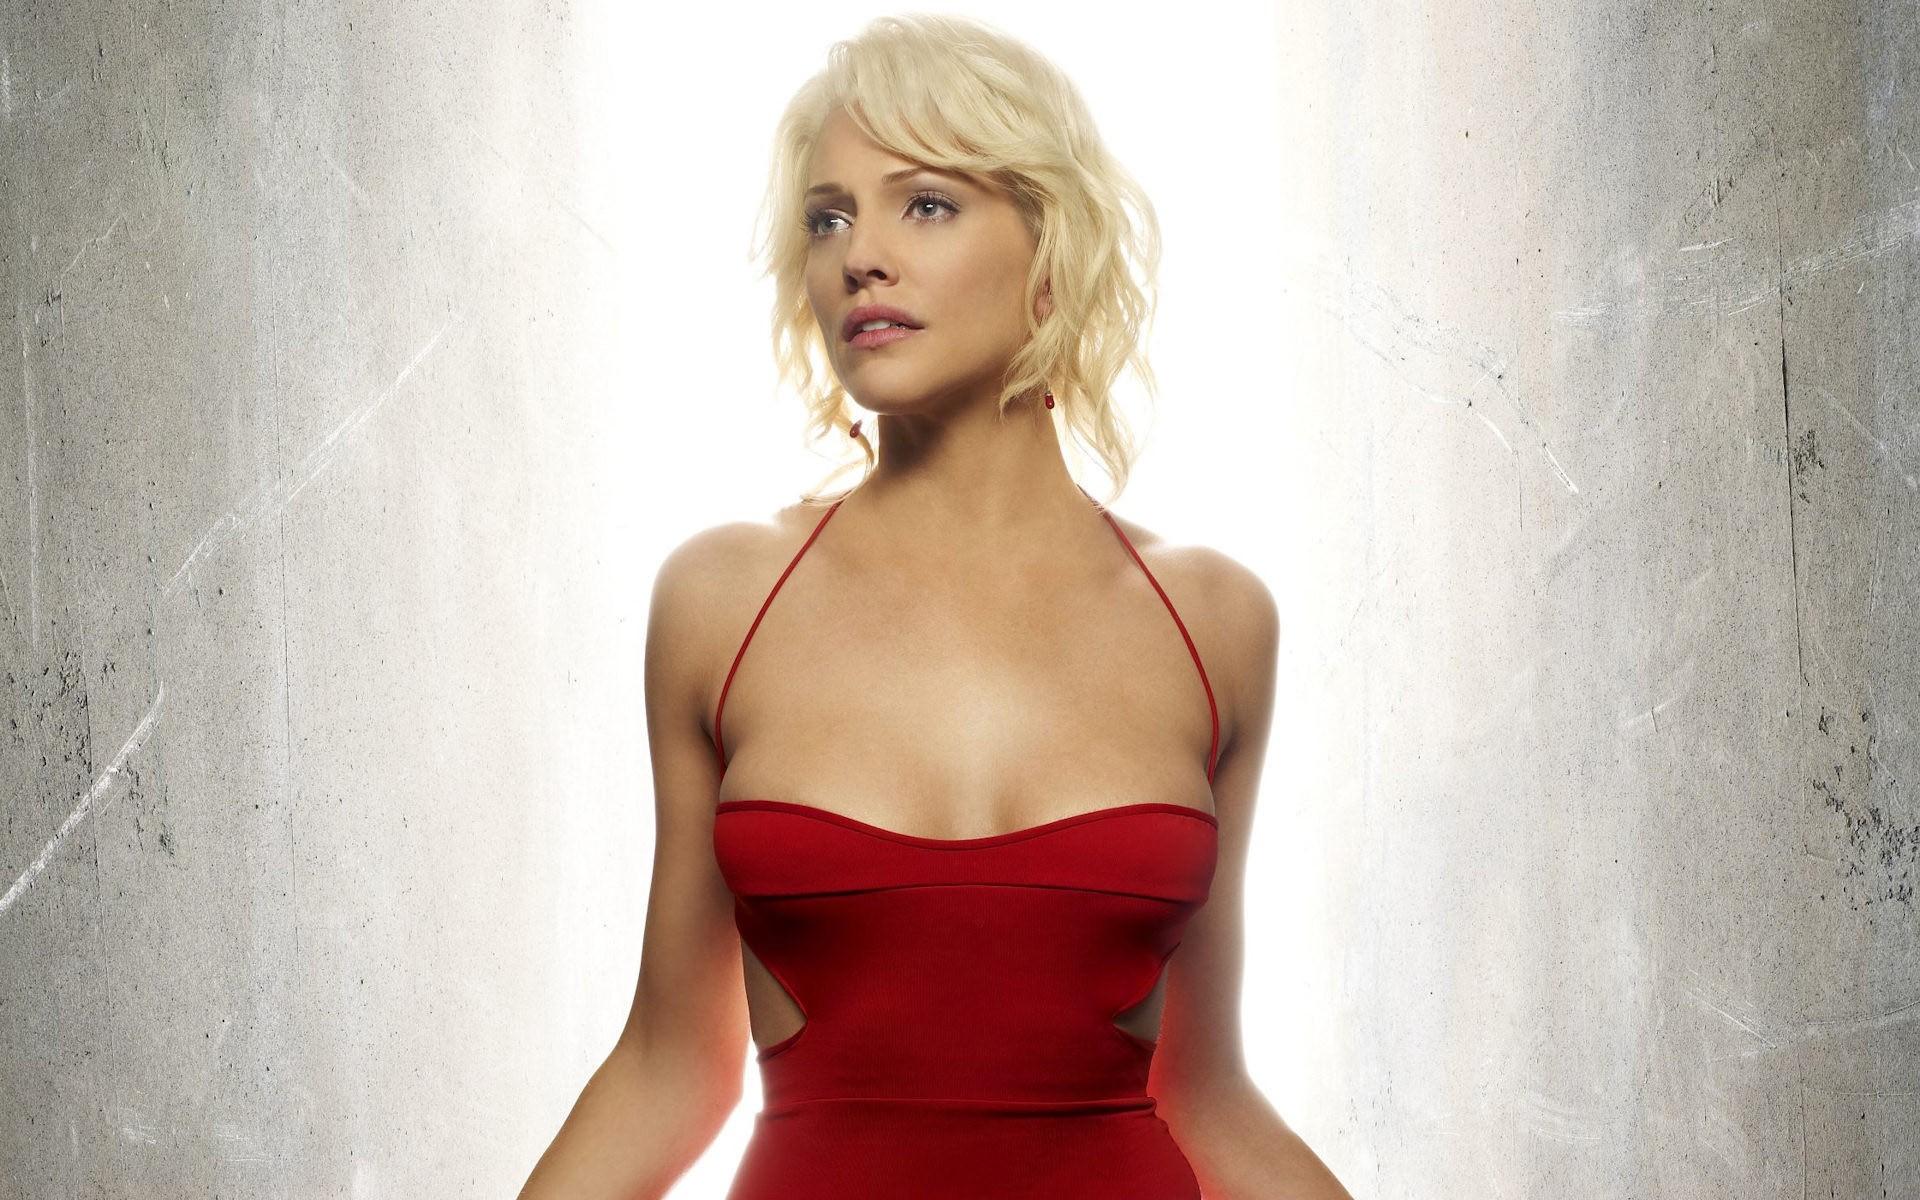 Wallpaper Women Blonde Long Hair Short Hair Photography Red